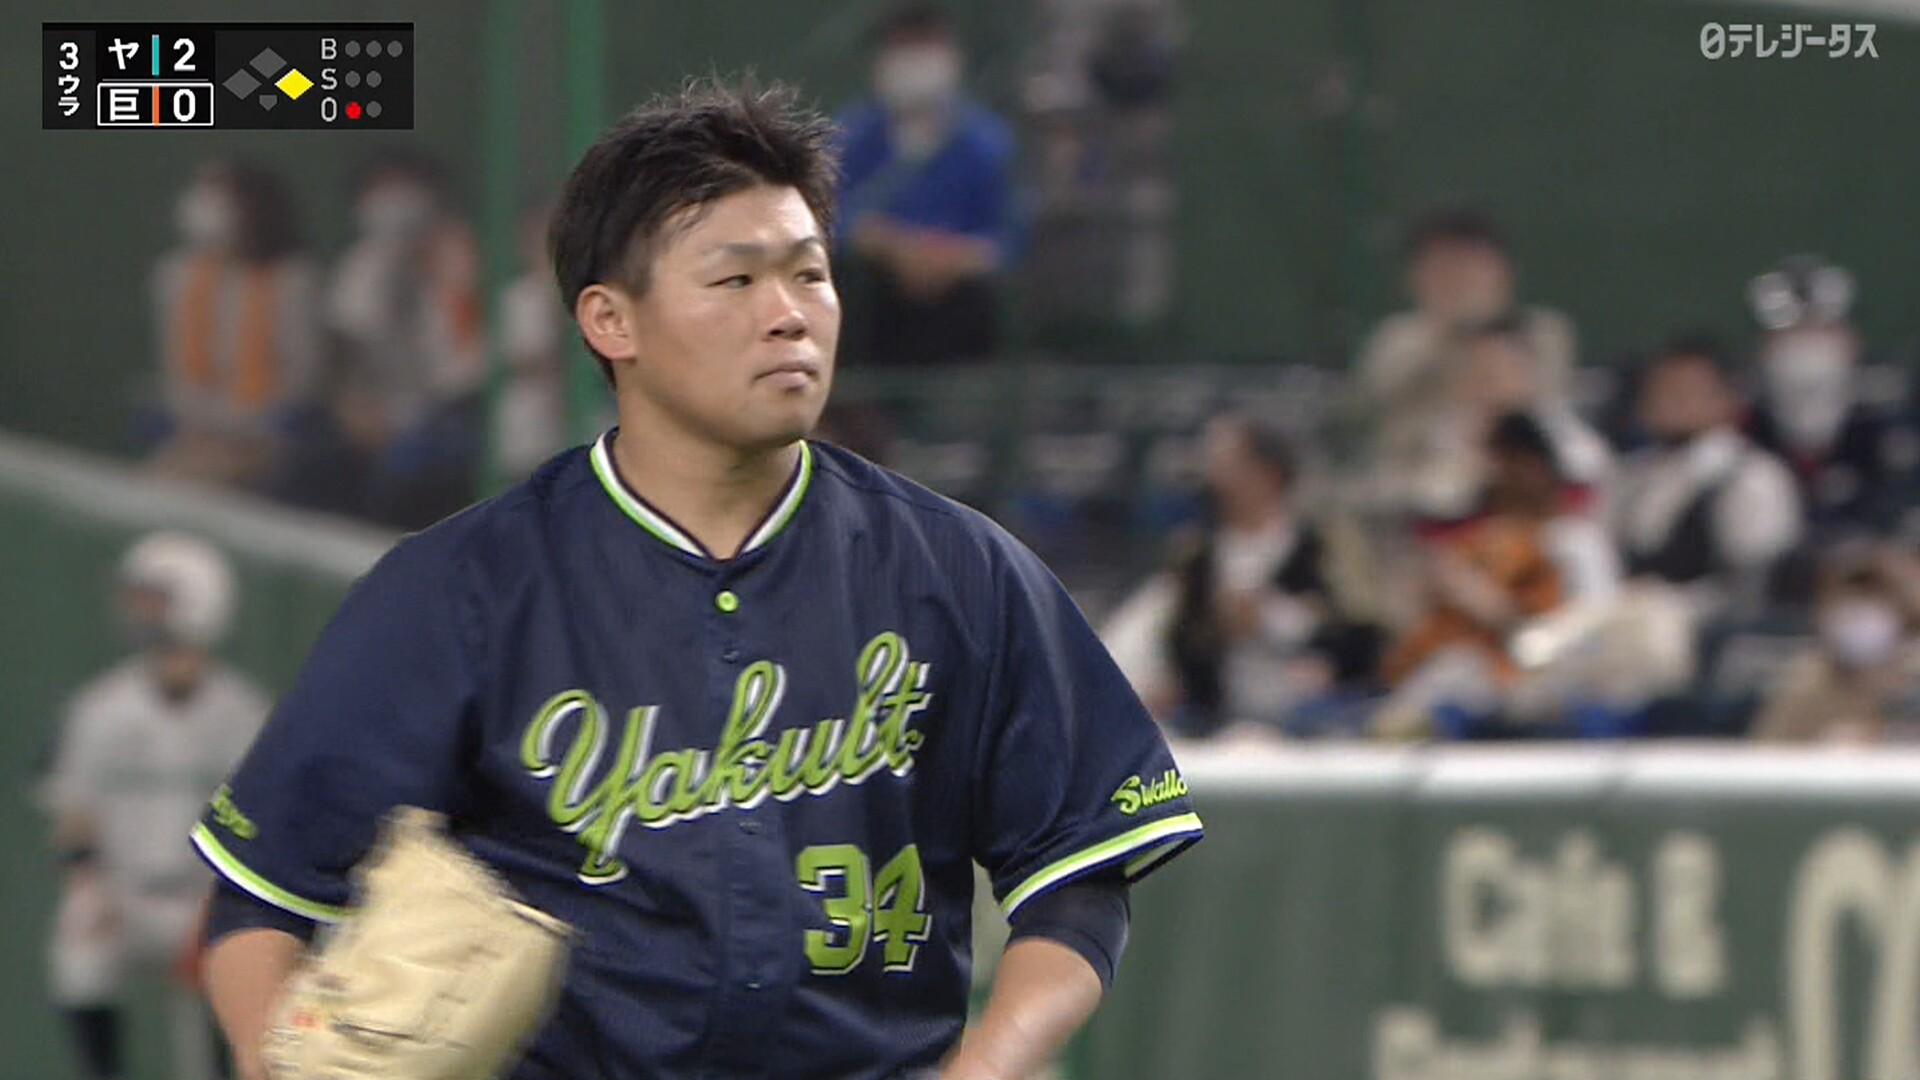 田口 vs 廣岡のトレード対決 第1打席は引き分けwwwww